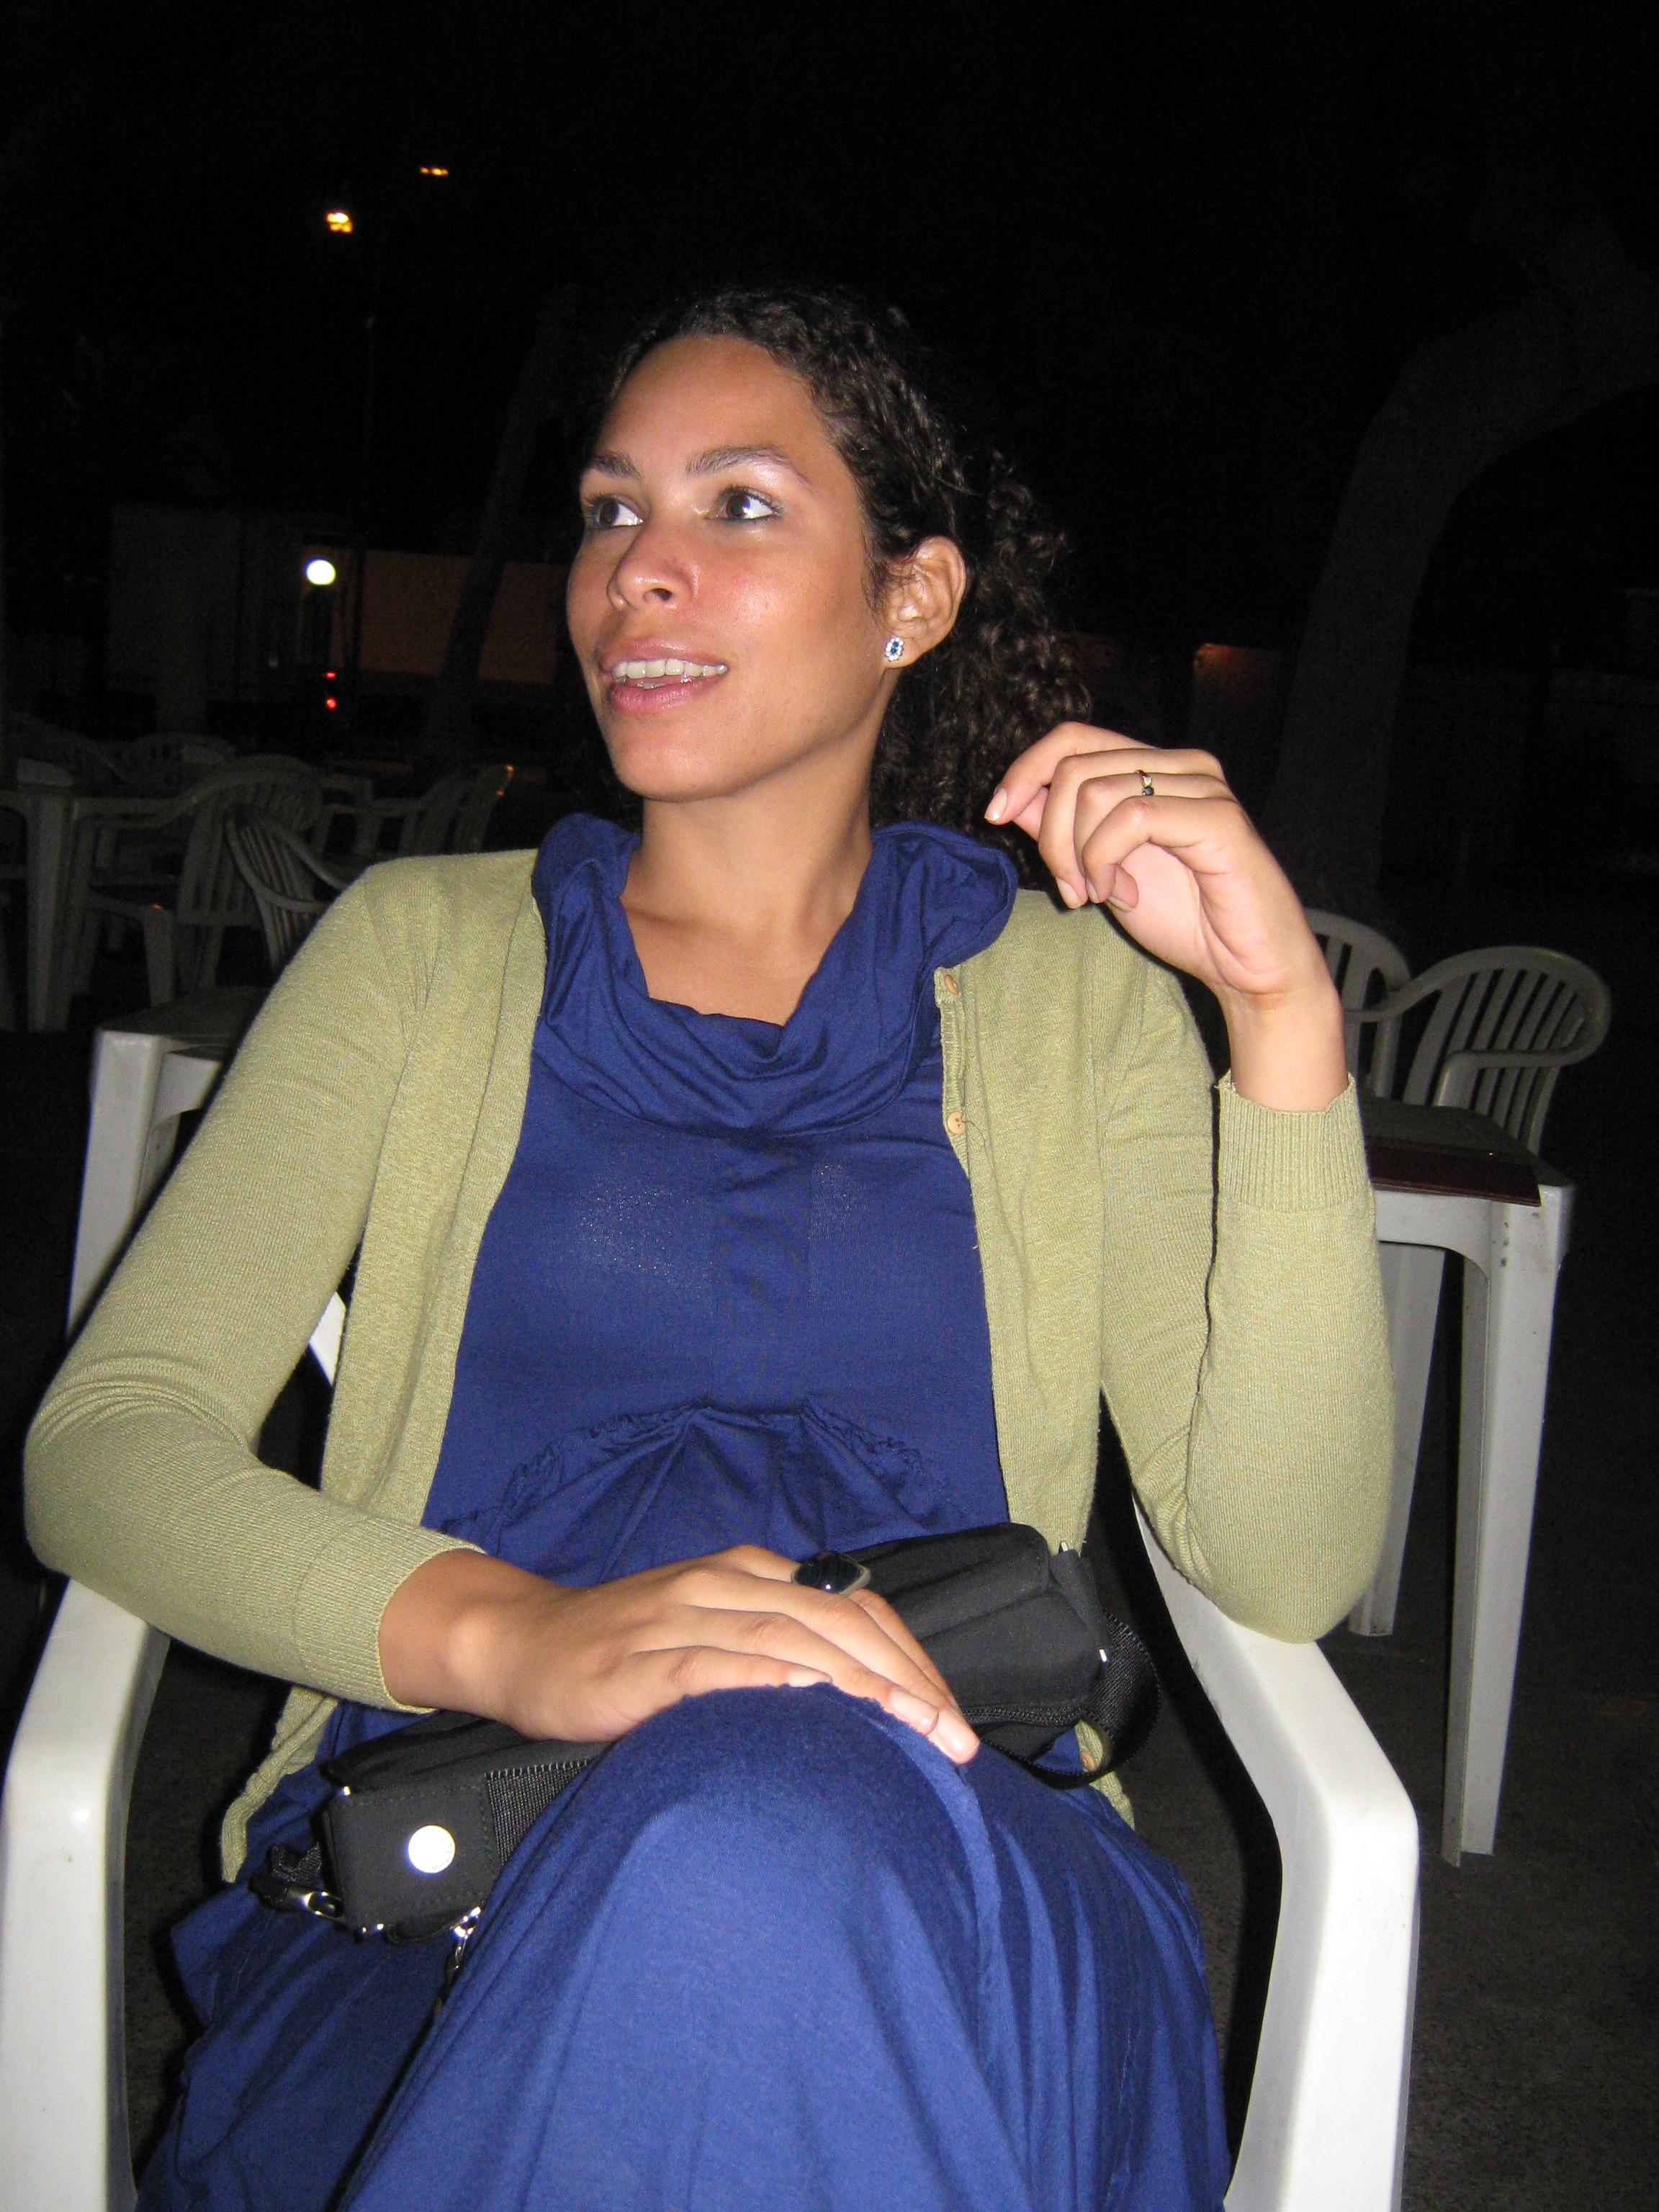 Rachel Souza